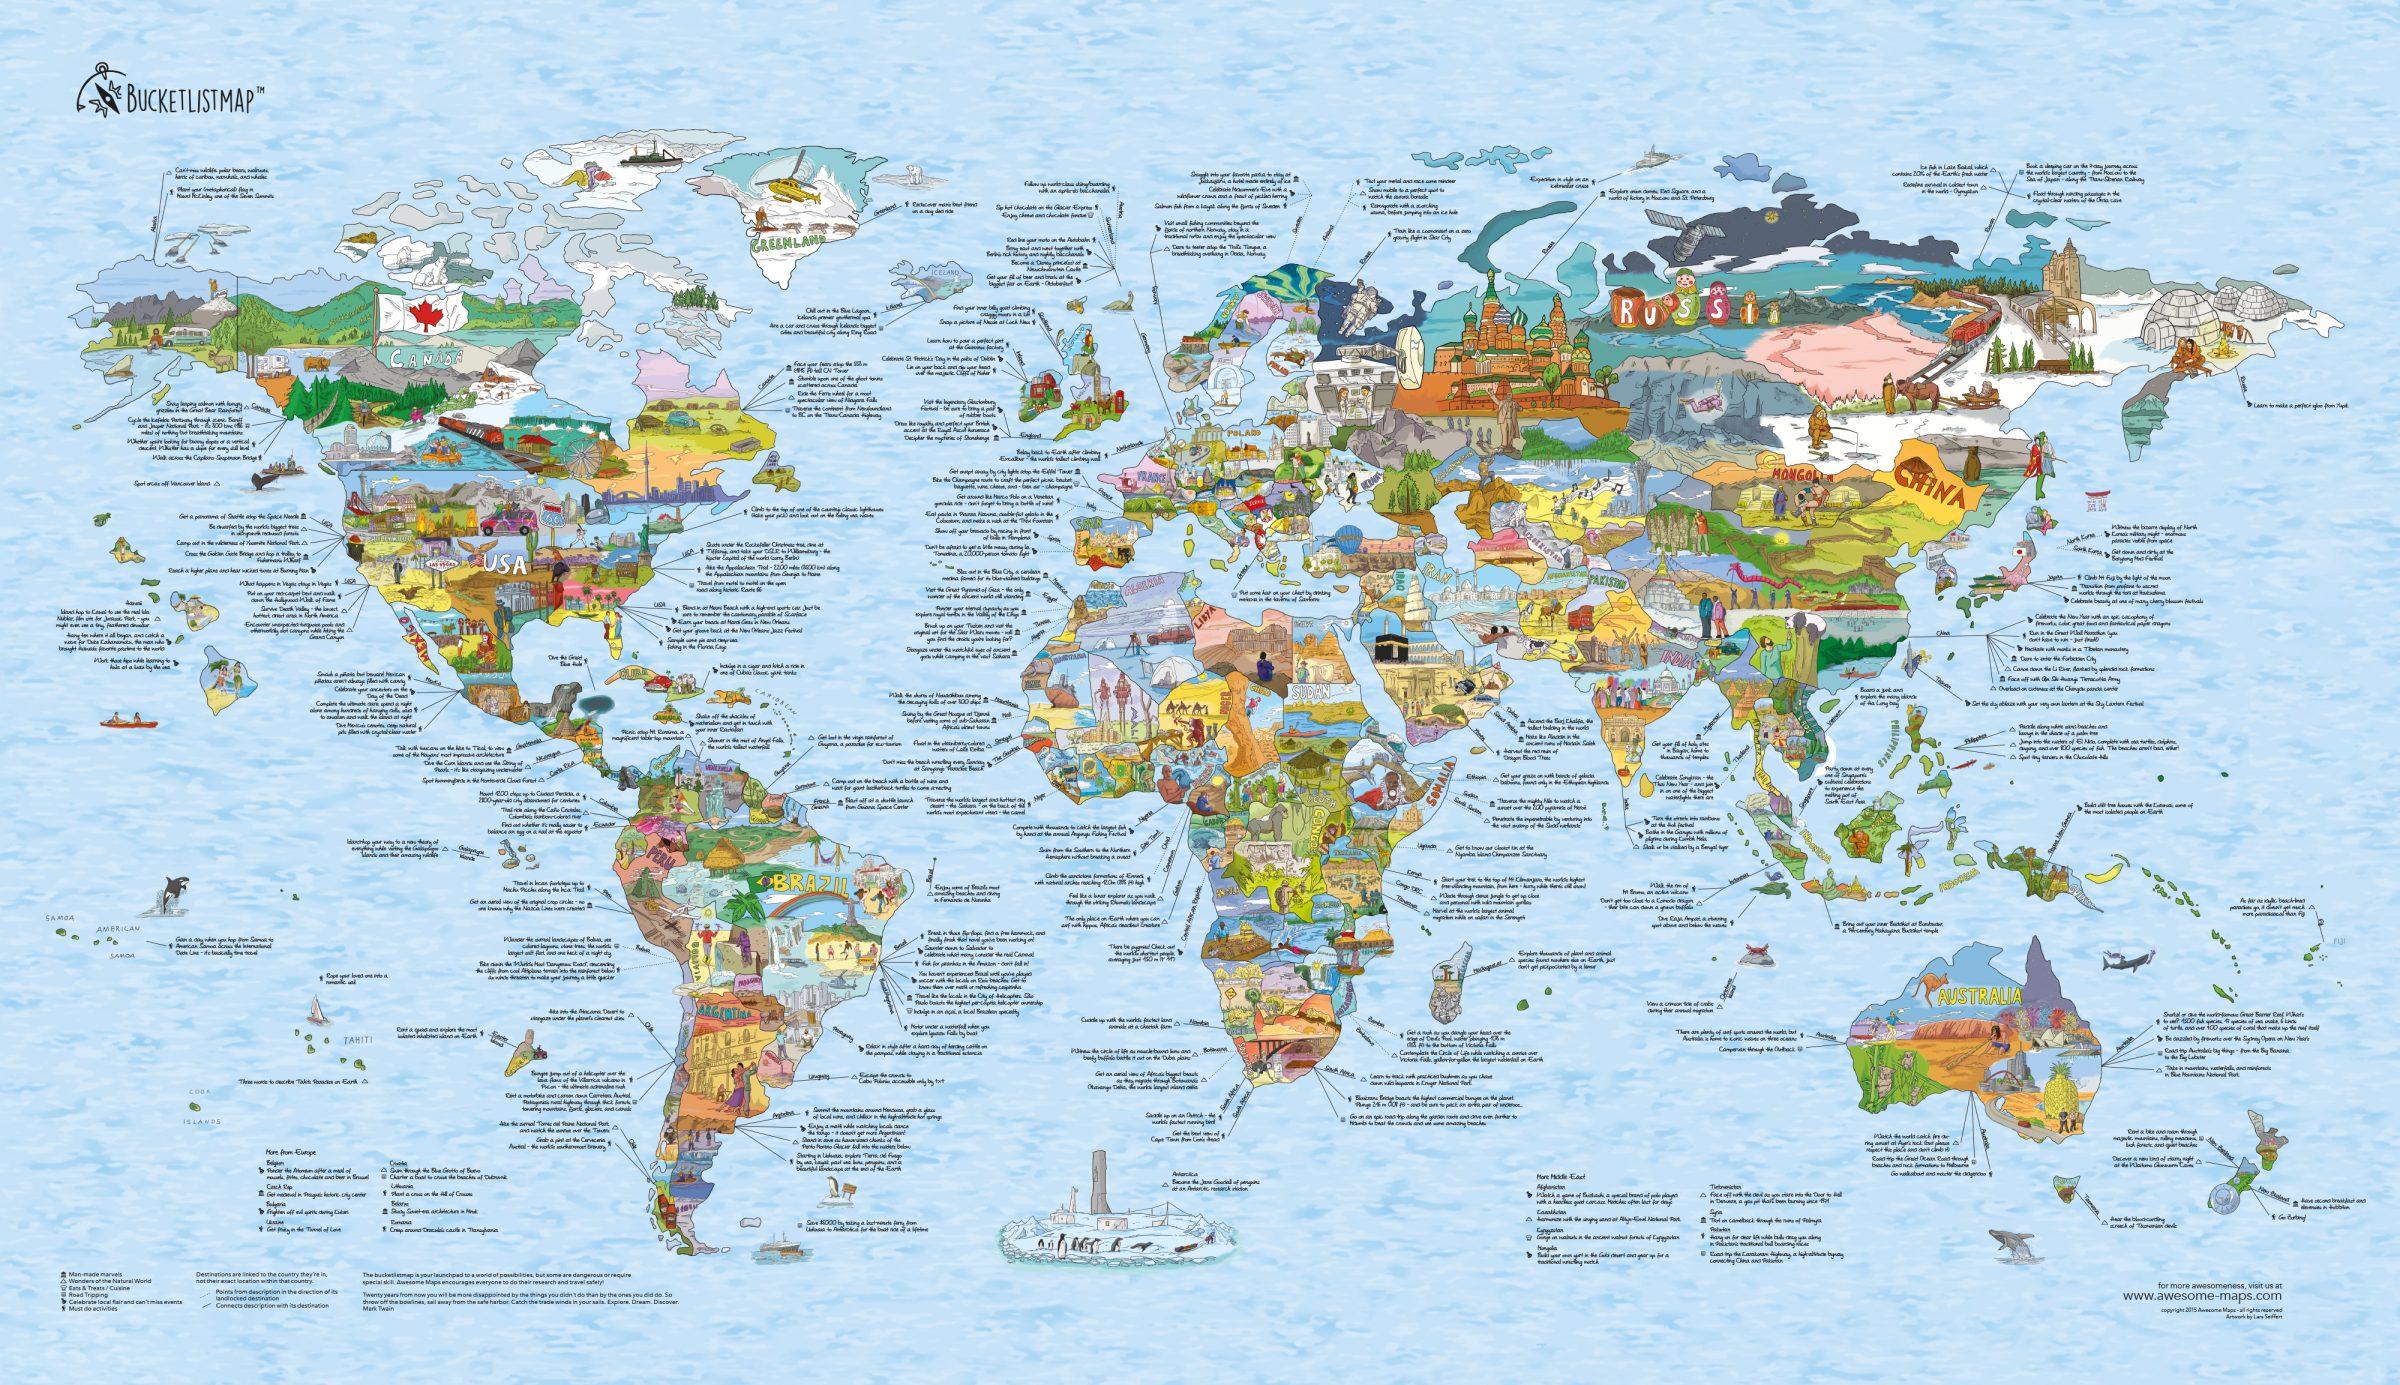 Wereldkaart uit de Wereldreizigers Webshop